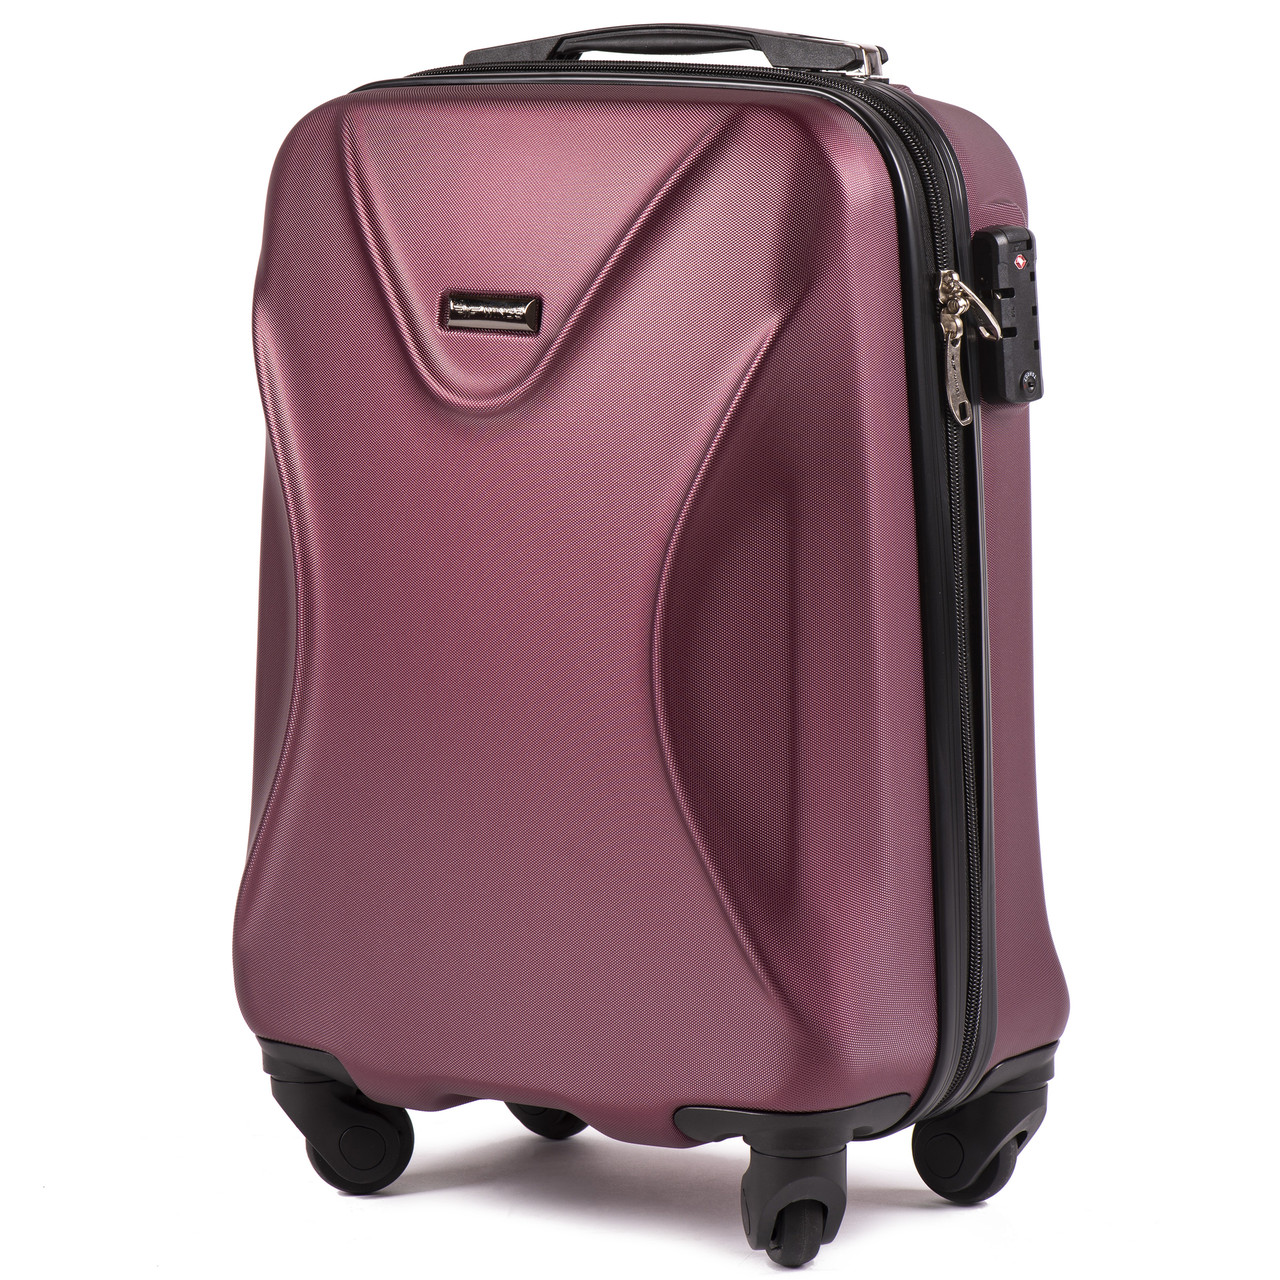 Малый пластиковый чемодан Wings 518 на 4 колесах бордовый